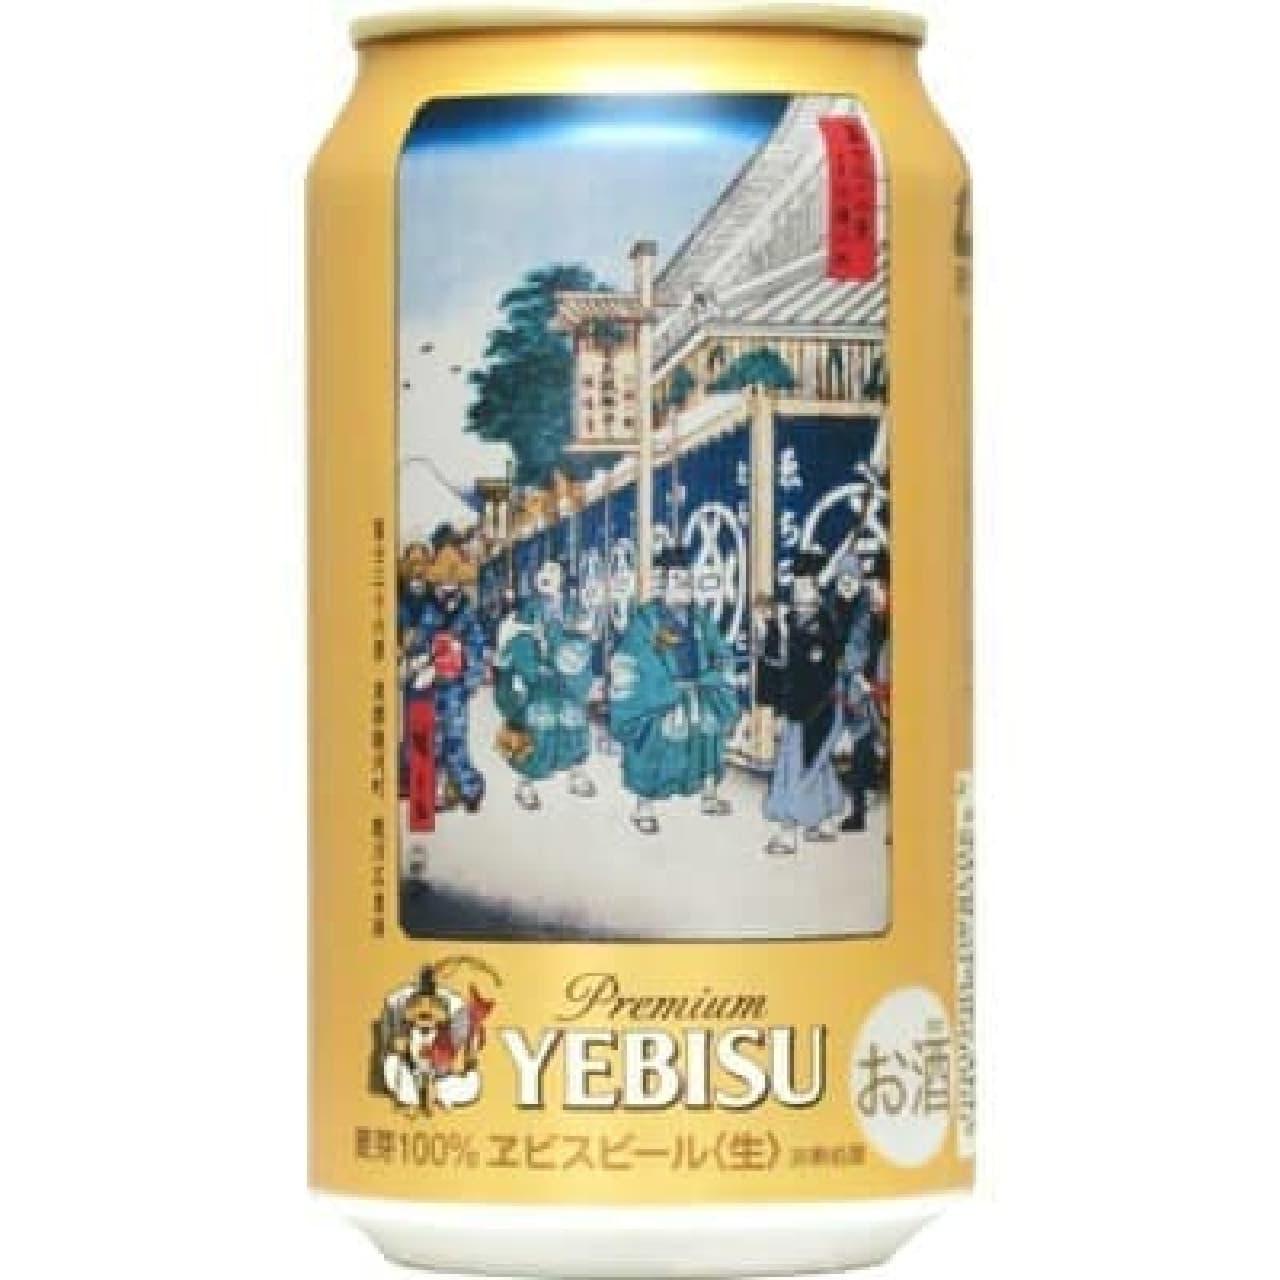 浮世絵がデザインされた三越限定ヱビスビール